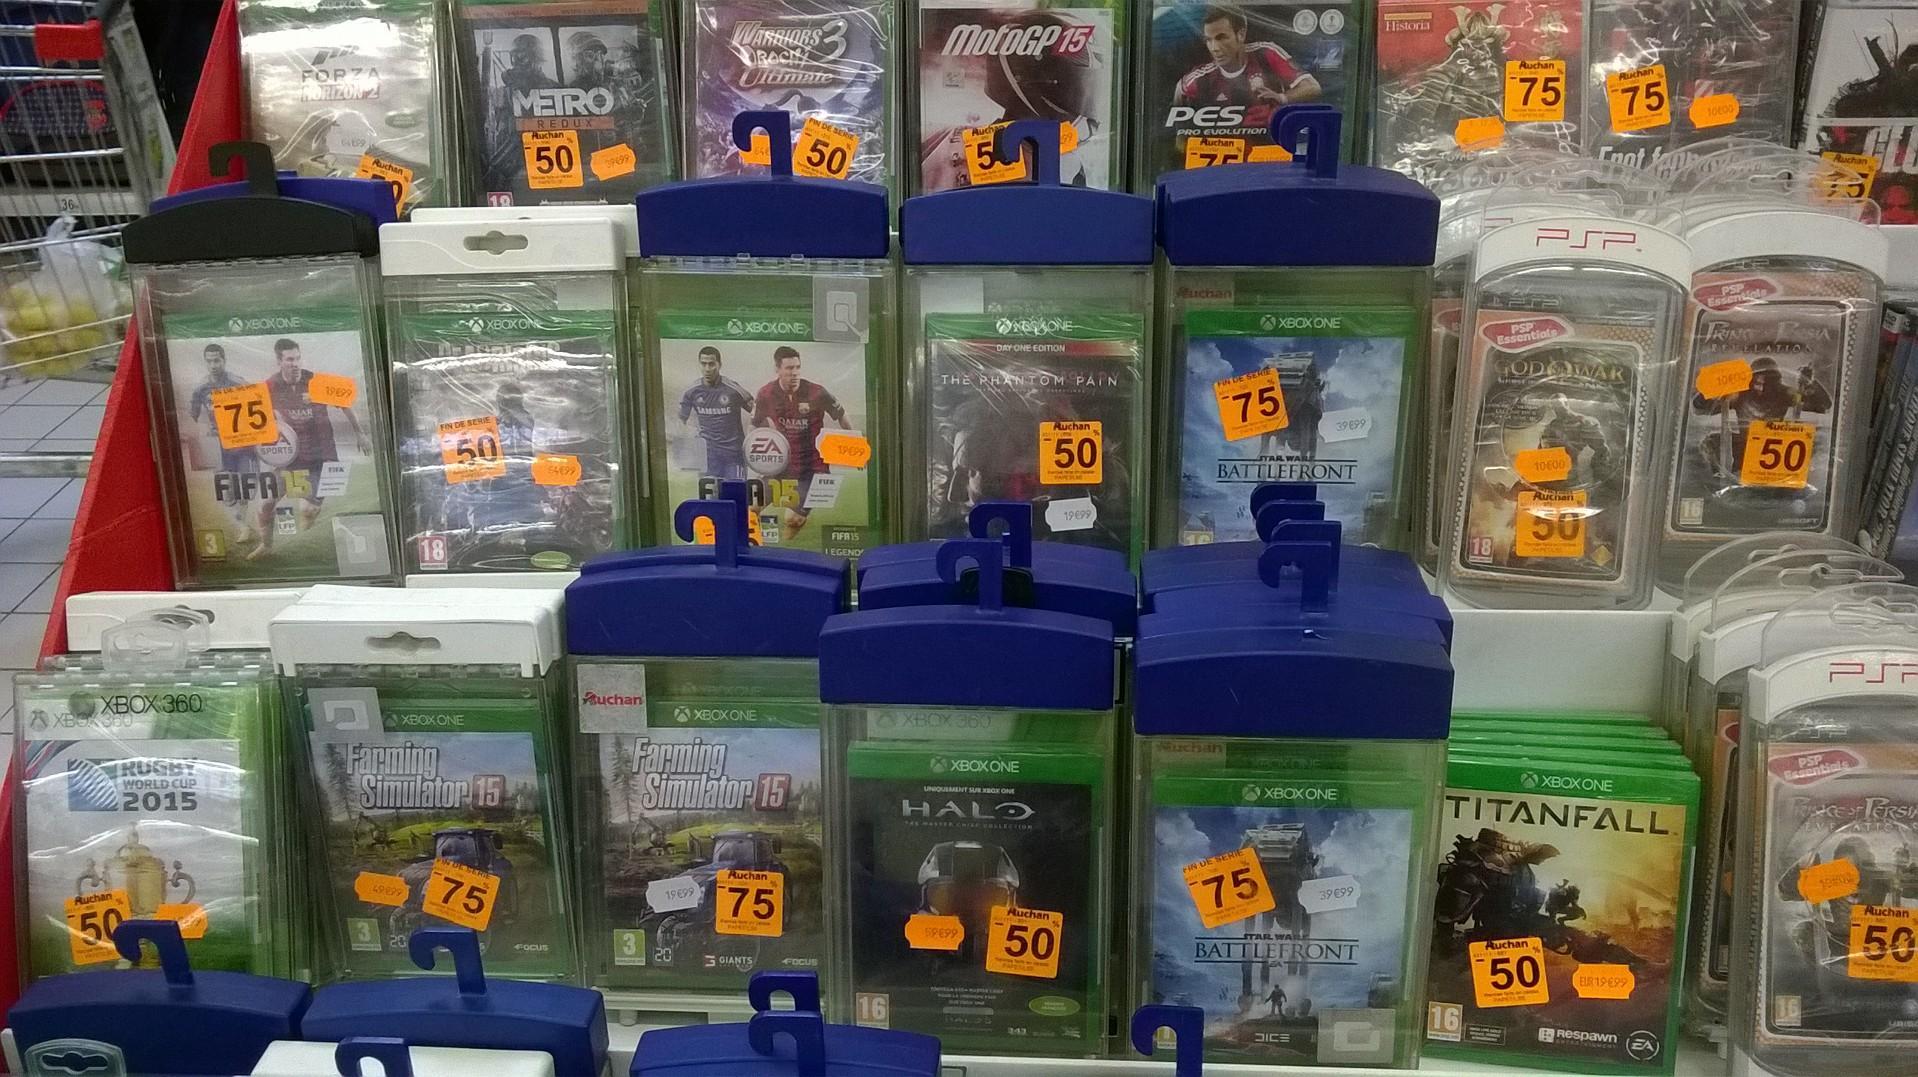 Sélection de jeux-vidéos PS4 et Xbox One en promo - Ex: Star Wars Battlefront sur Xbox One